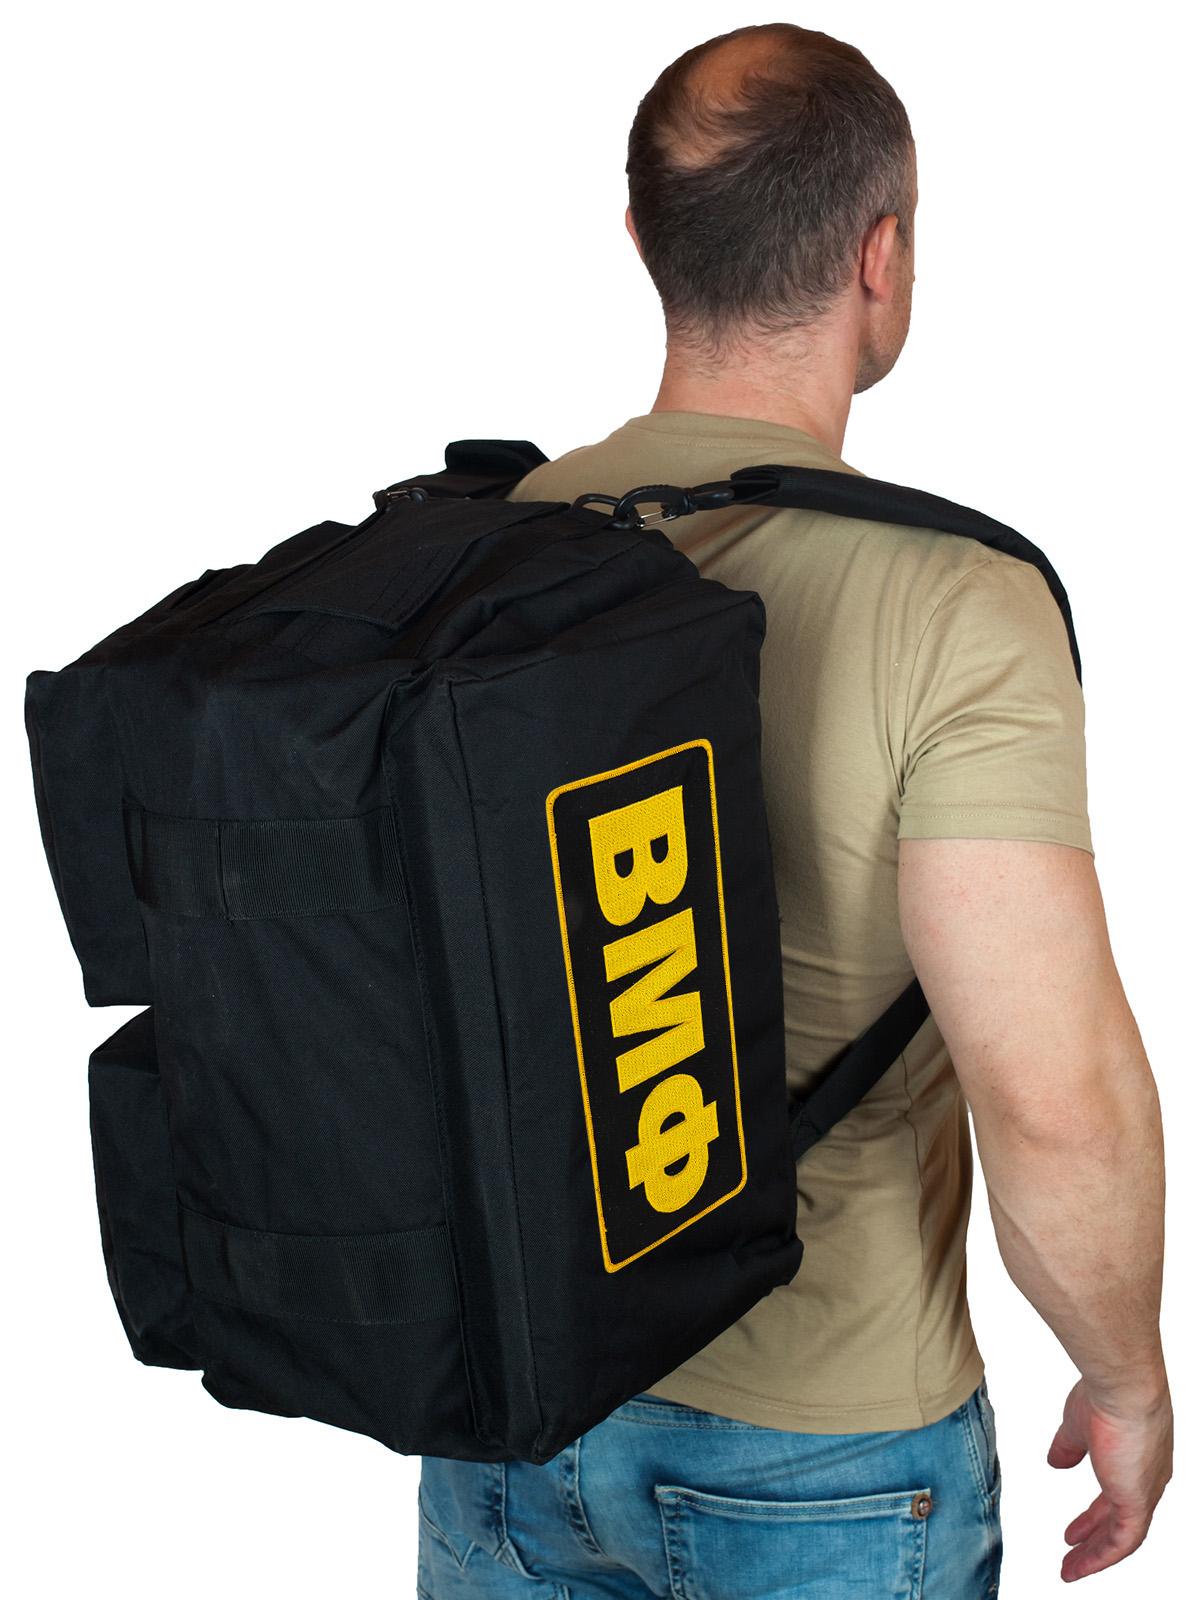 Купить надежную тактическую сумку-баул ВМФ с доставкой по всей России и не только